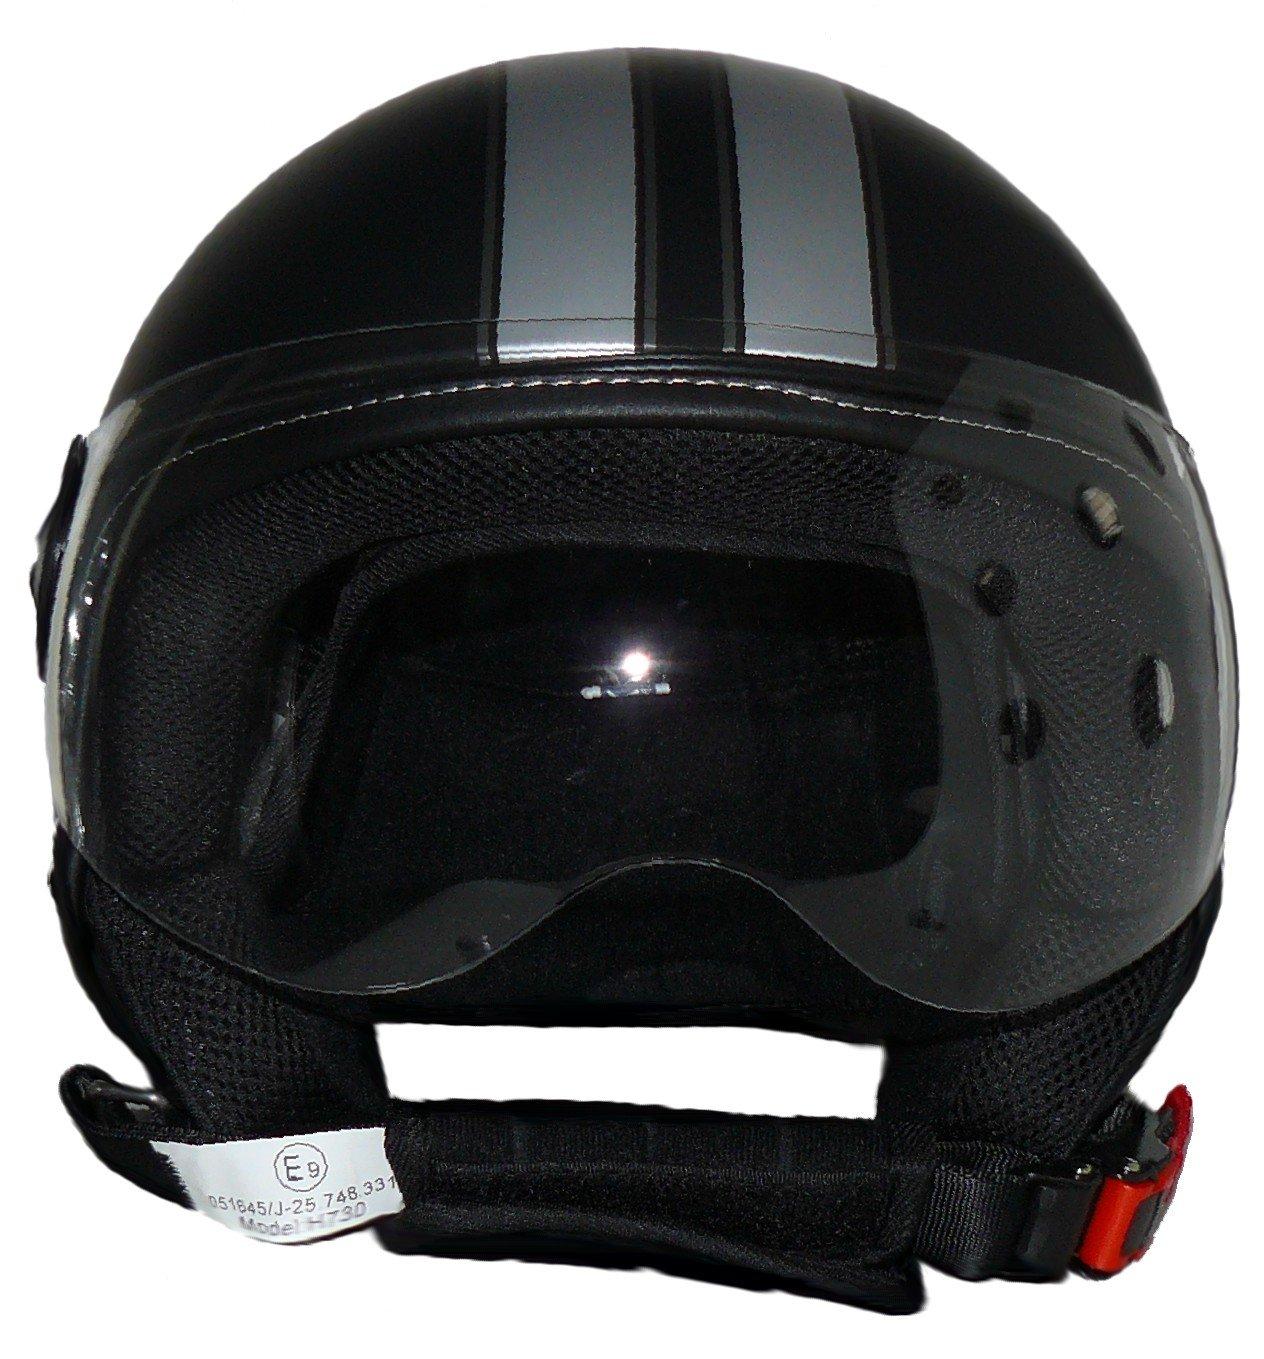 Protectwear Casco aperto con strisce H710 design pilota XL